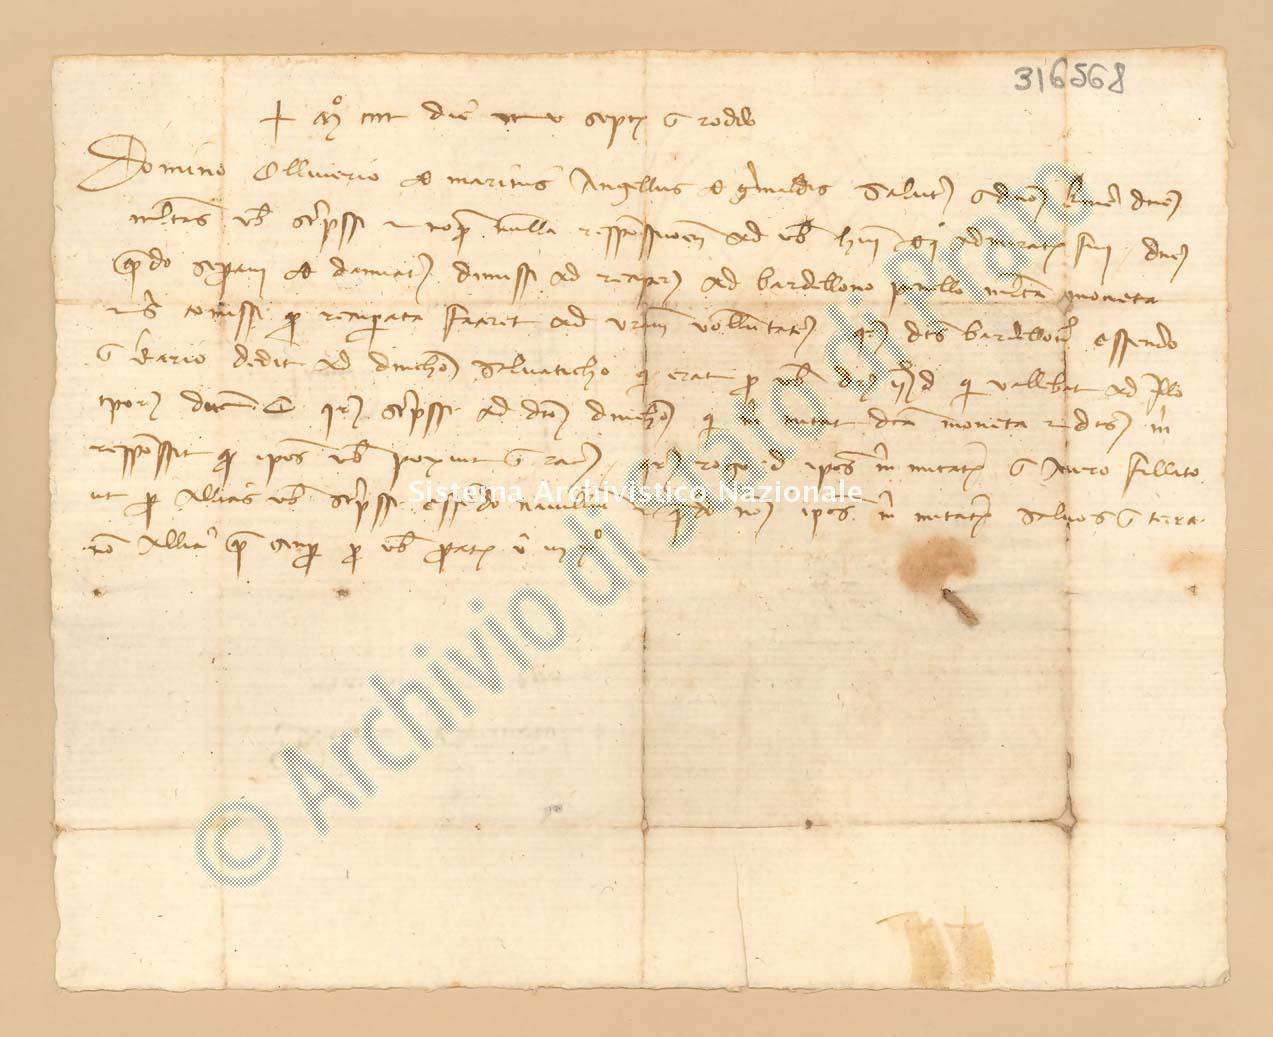 Archivio di Stato di Prato, Fondo Datini, Carteggio privato, Carteggi diversi, Lettere Di Vari a Vari, 1114.02.153 Lettere Di Grimaldi Angelo a Marini Oliviero (busta 1114.02, inserto 153, codice 316568)